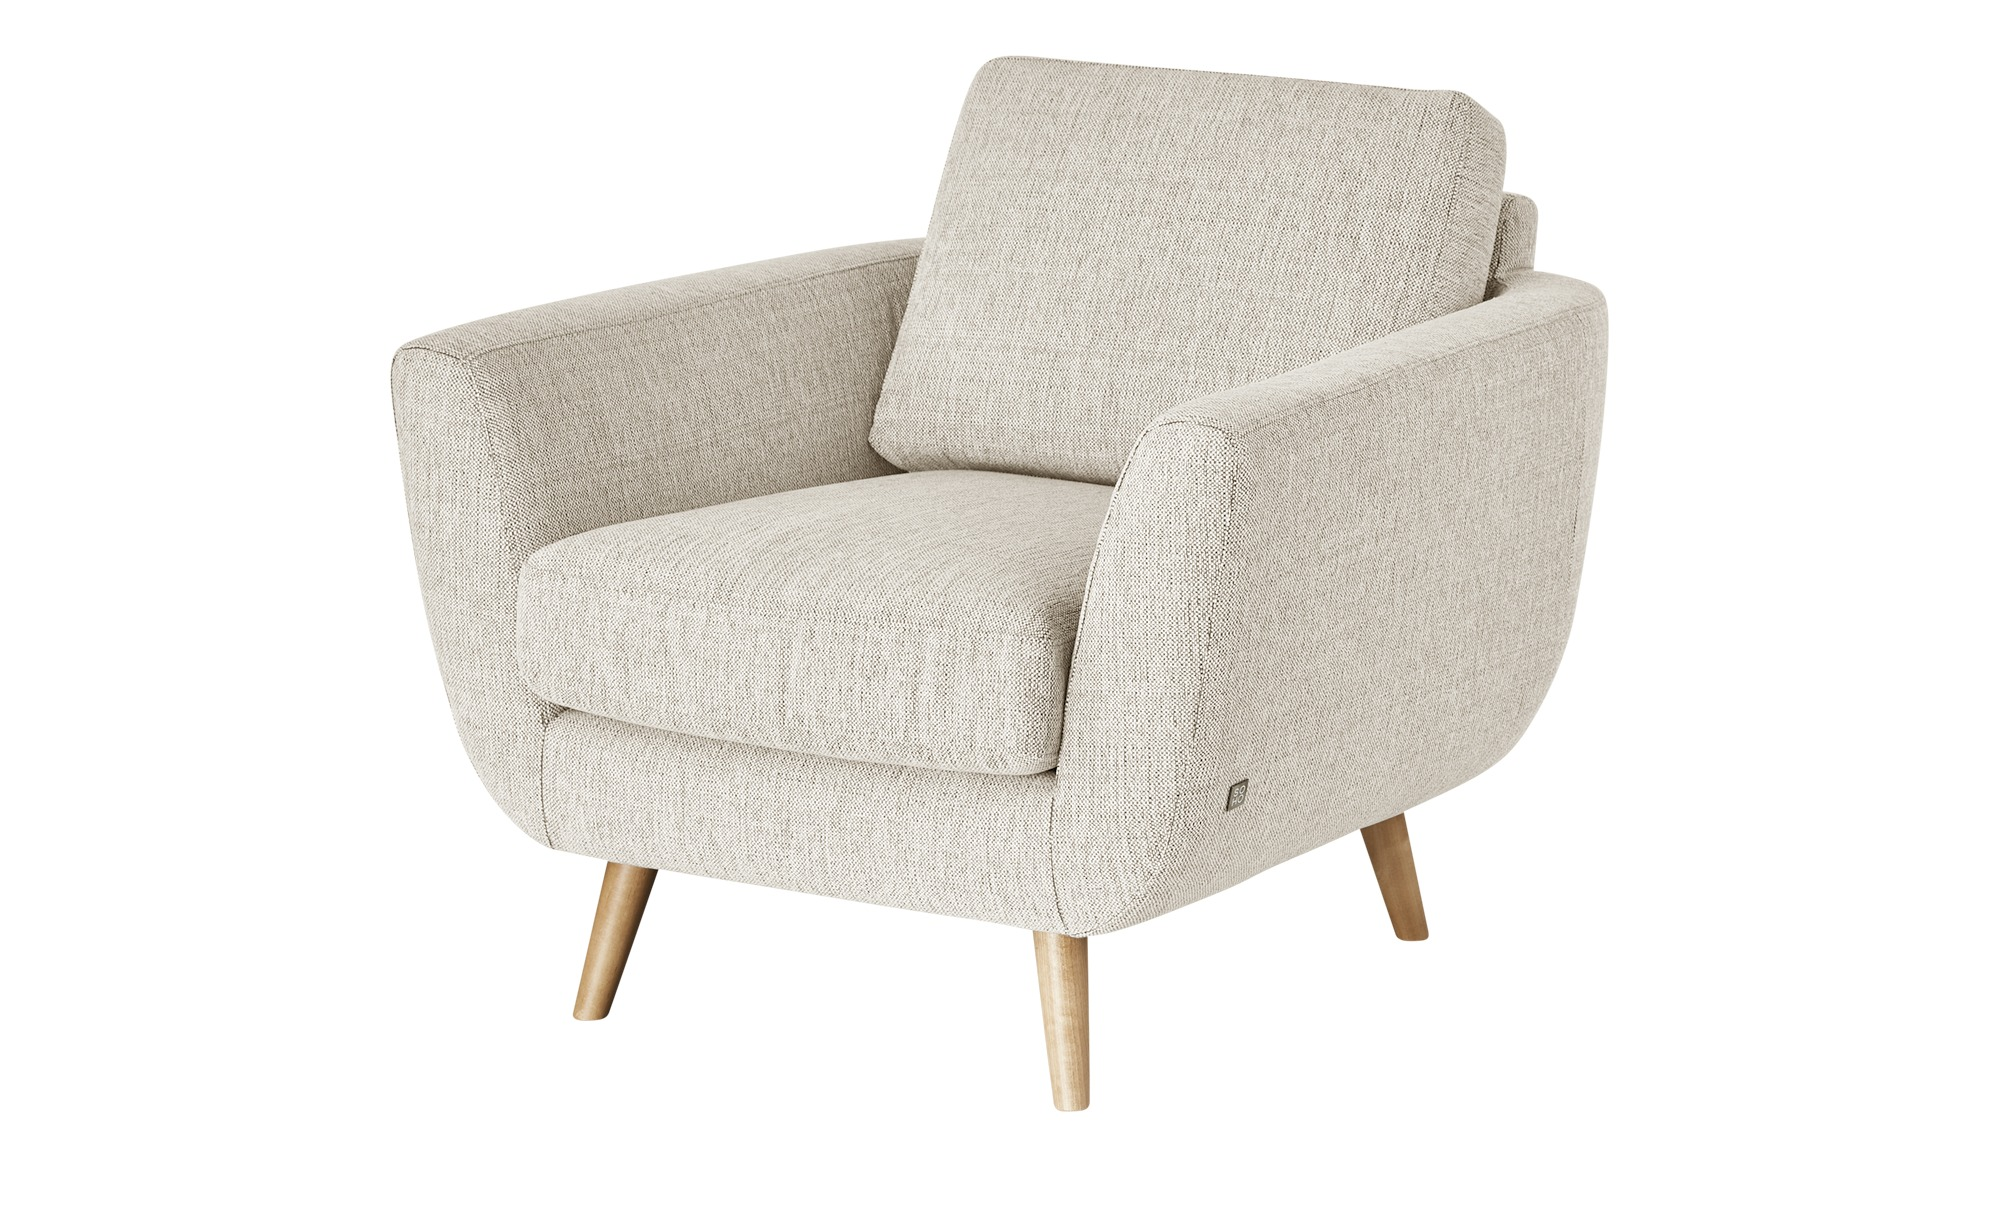 SOHO Sessel - beige - 94 cm - 85 cm - 93 cm - Polstermöbel > Sessel > Ohrensessel - Möbel Kraft | Wohnzimmer > Sessel > Ohrensessel | SOHO